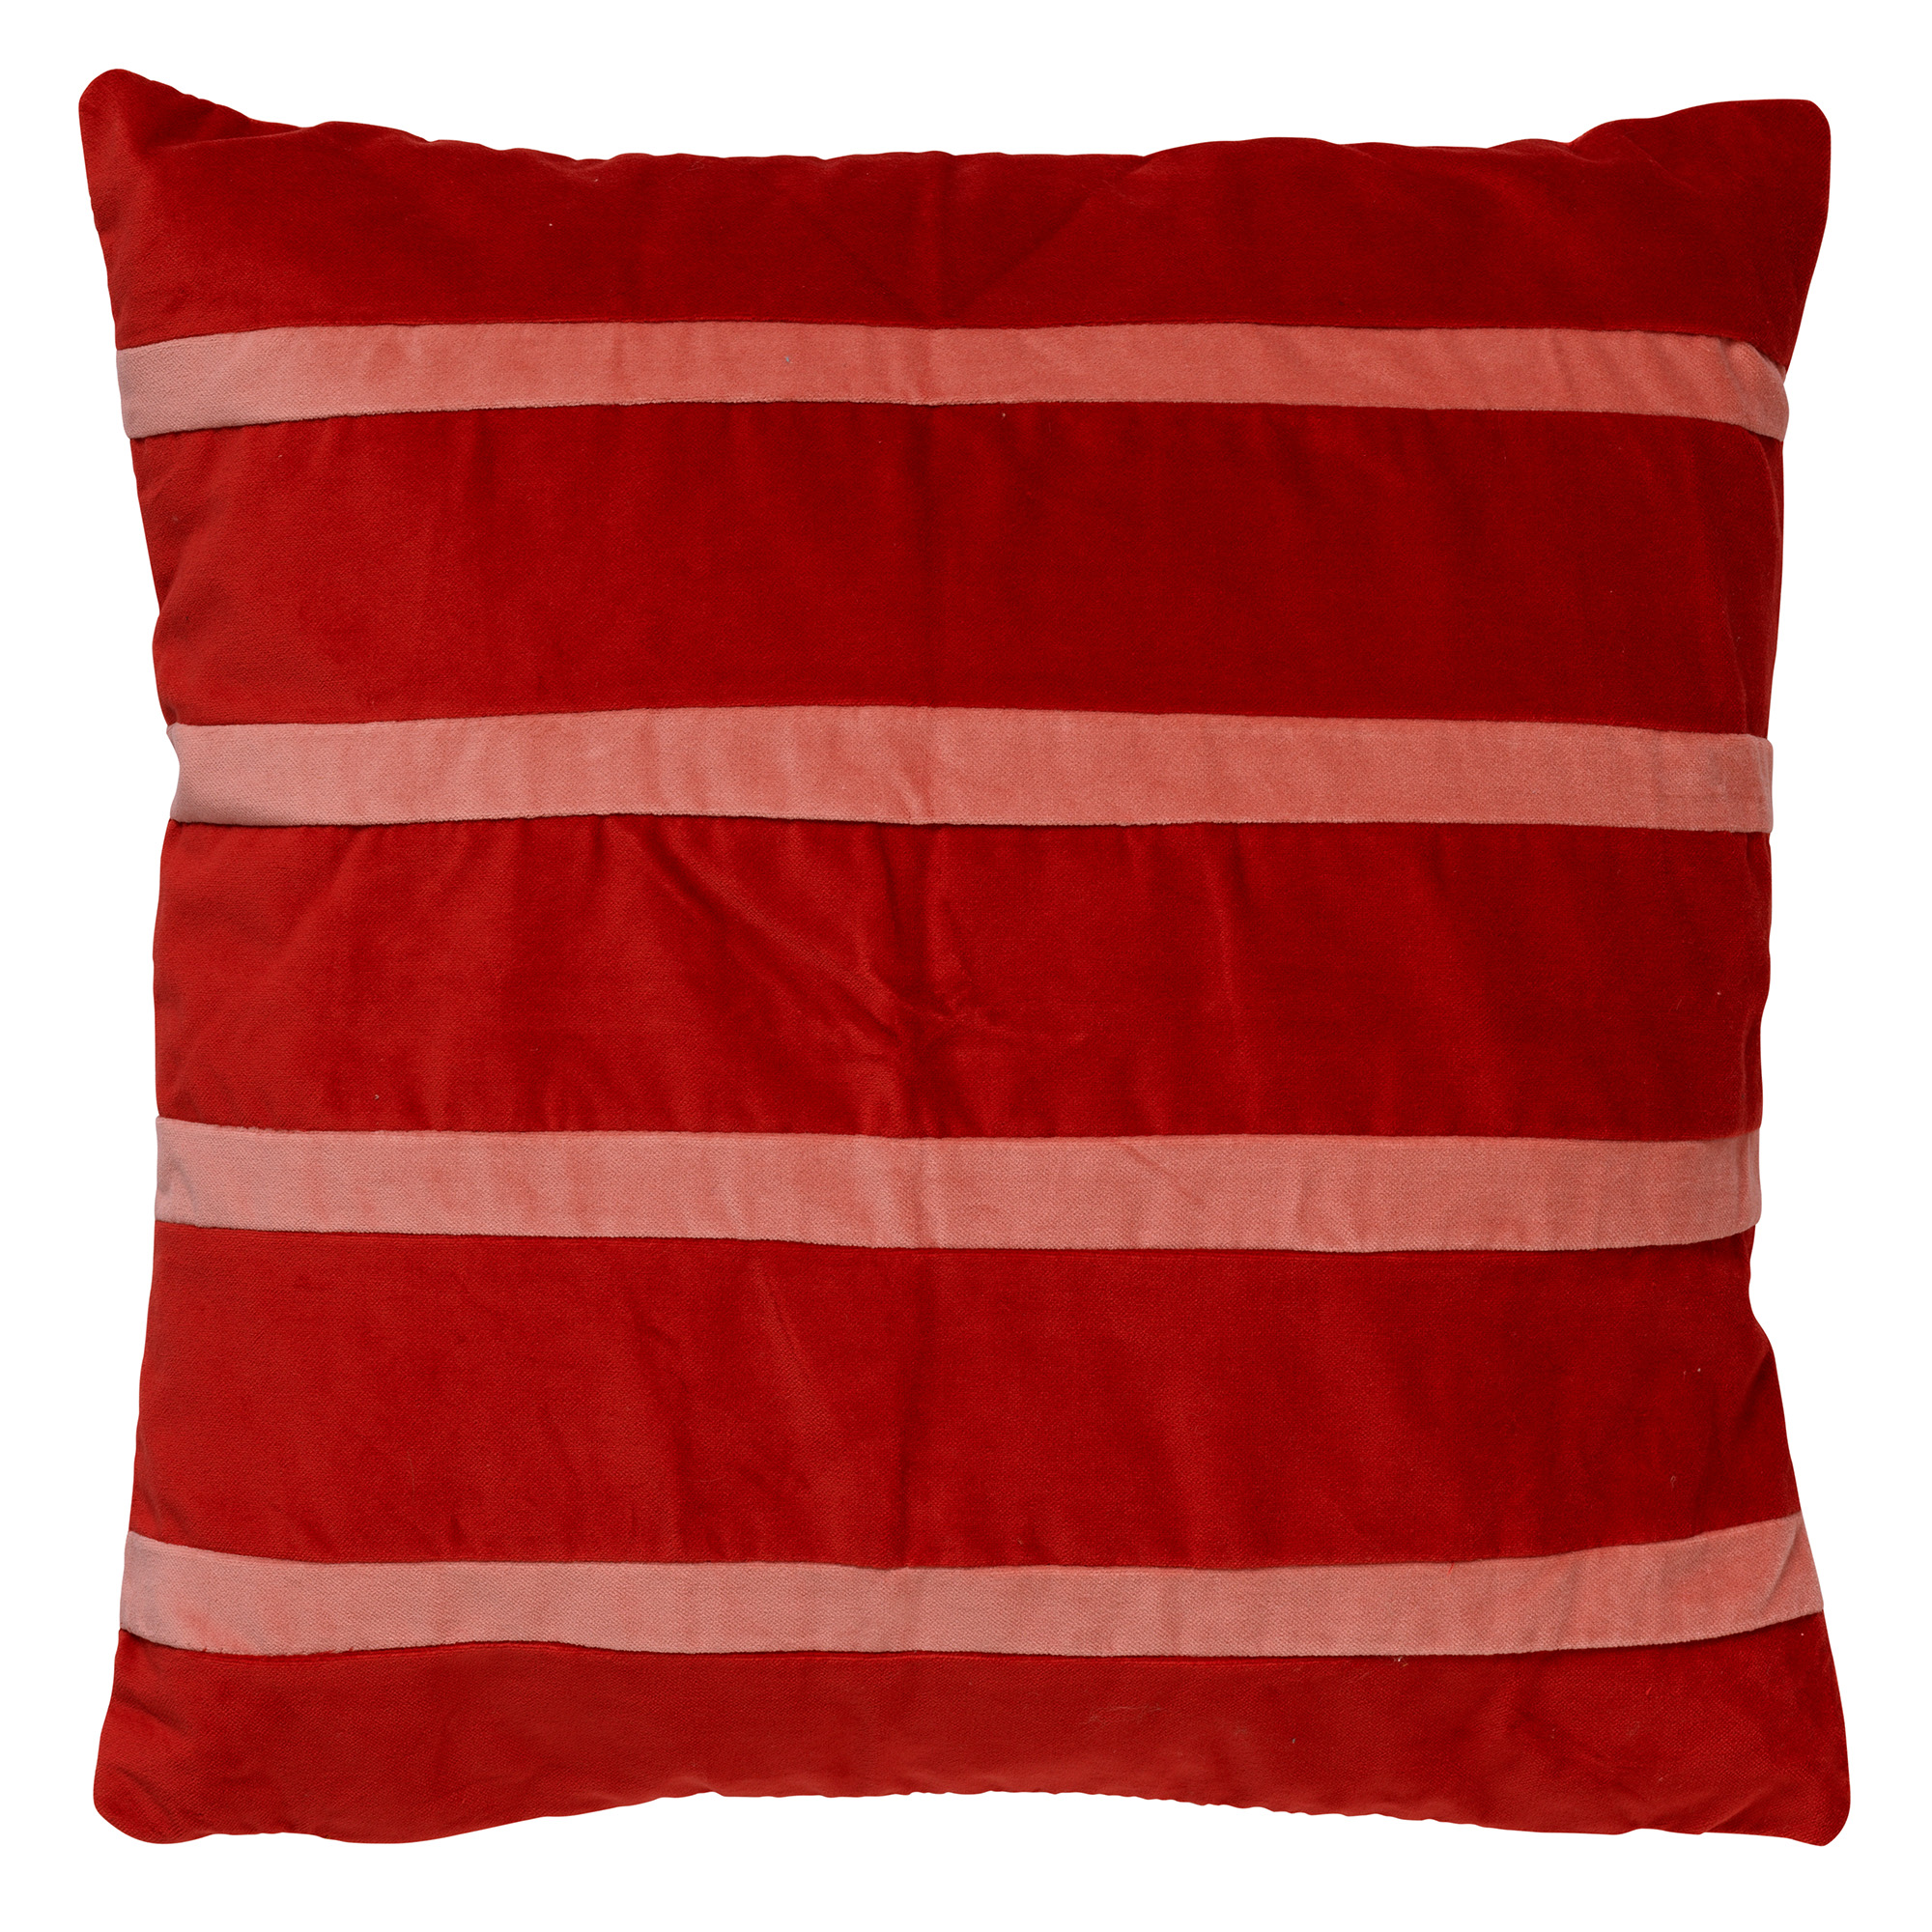 Housse de coussin en velours Rouge vif 45x45